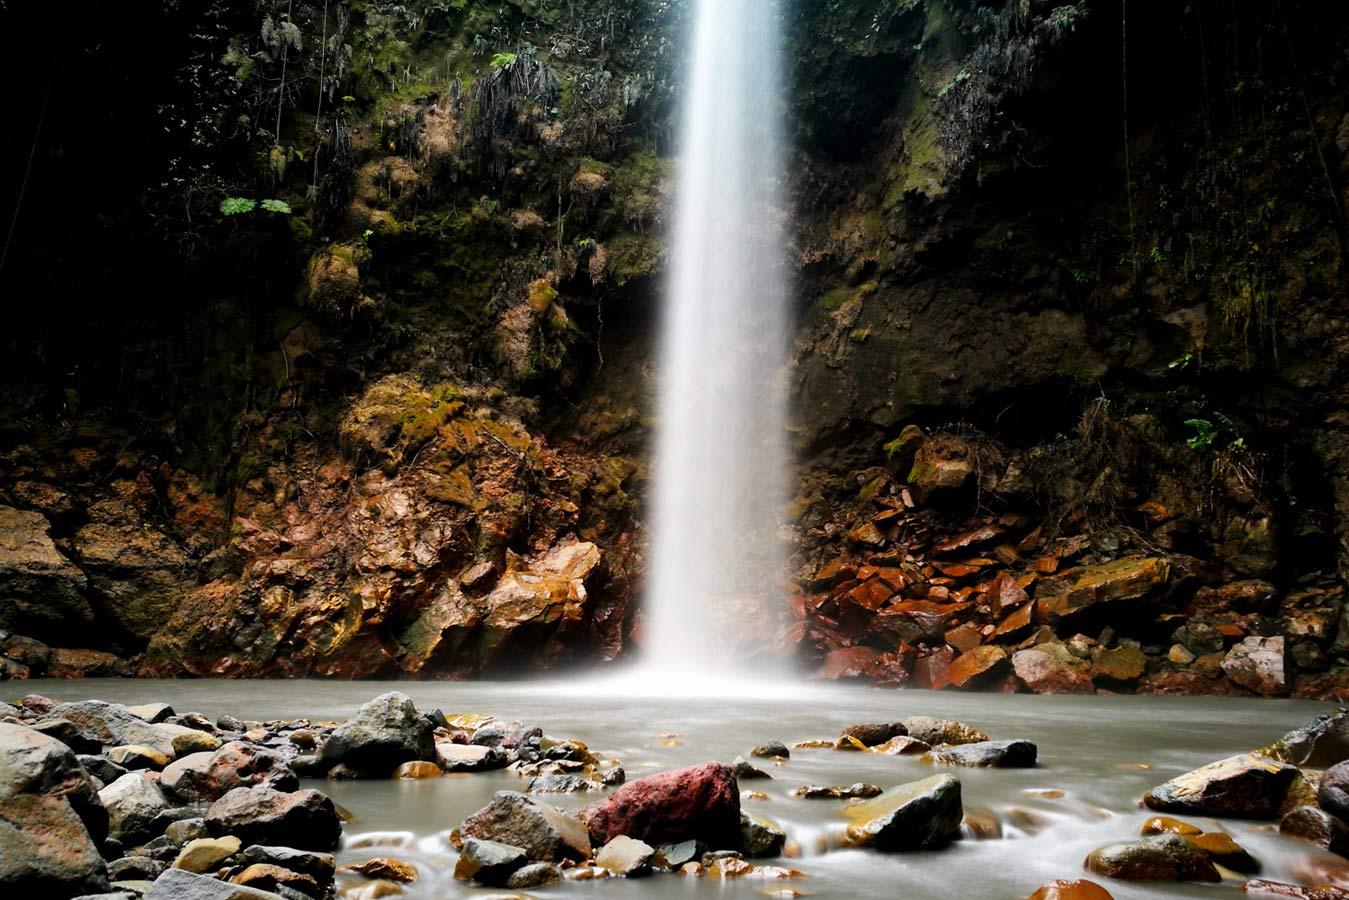 Catarata Caída del Cielo - Qué Buen Lugar